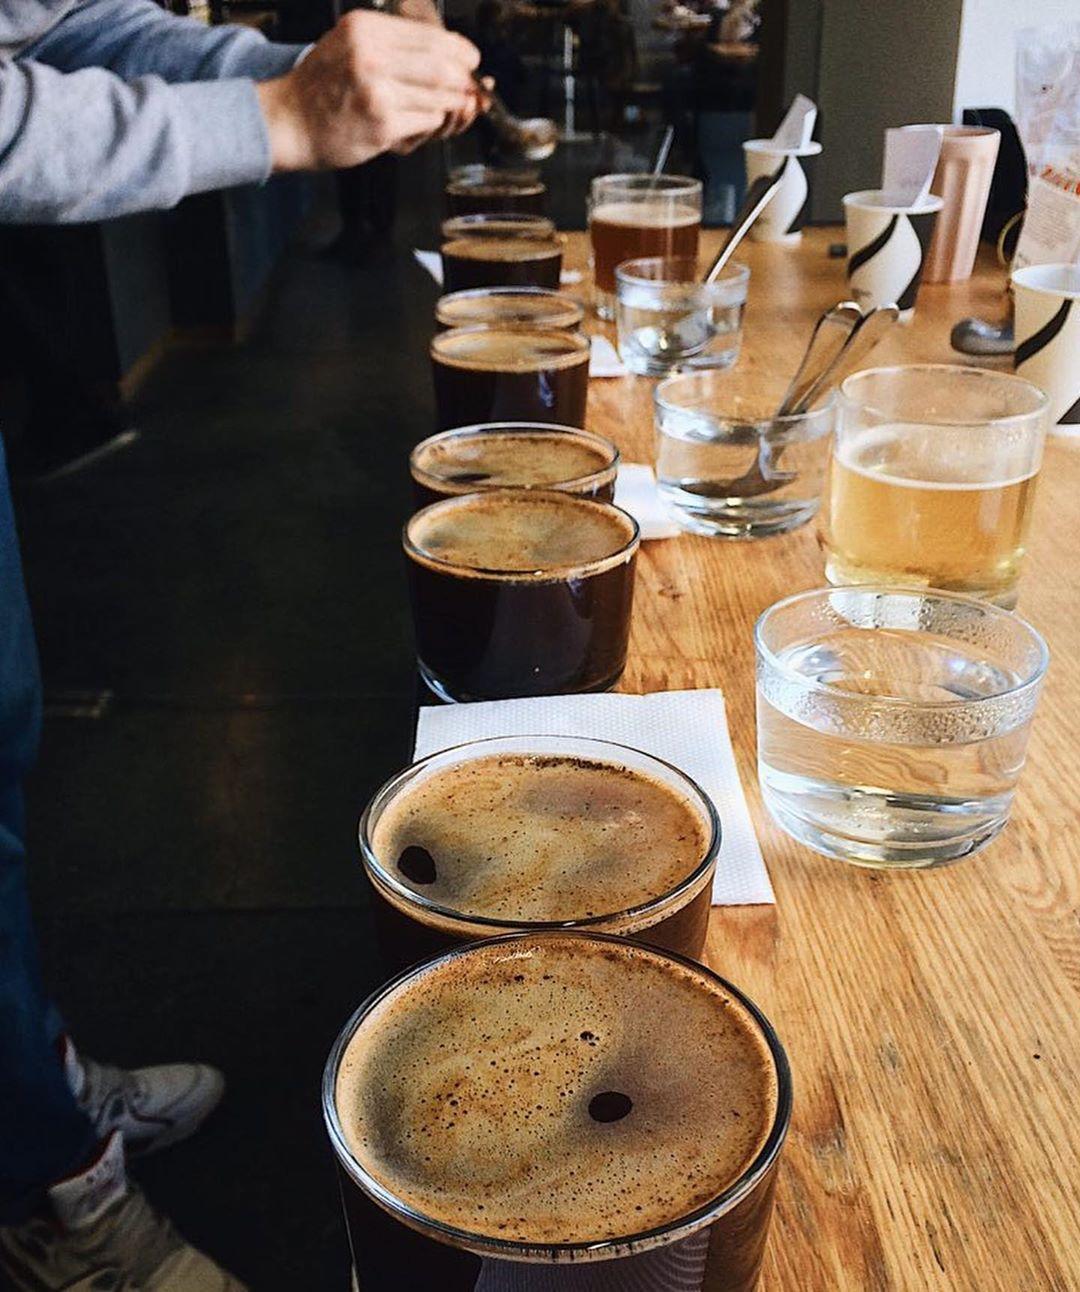 """Кемекс, пуровер та аеропрес: у Франківську відкрилась кав'ярня """"третьої хвилі"""" - Espresso Shot"""